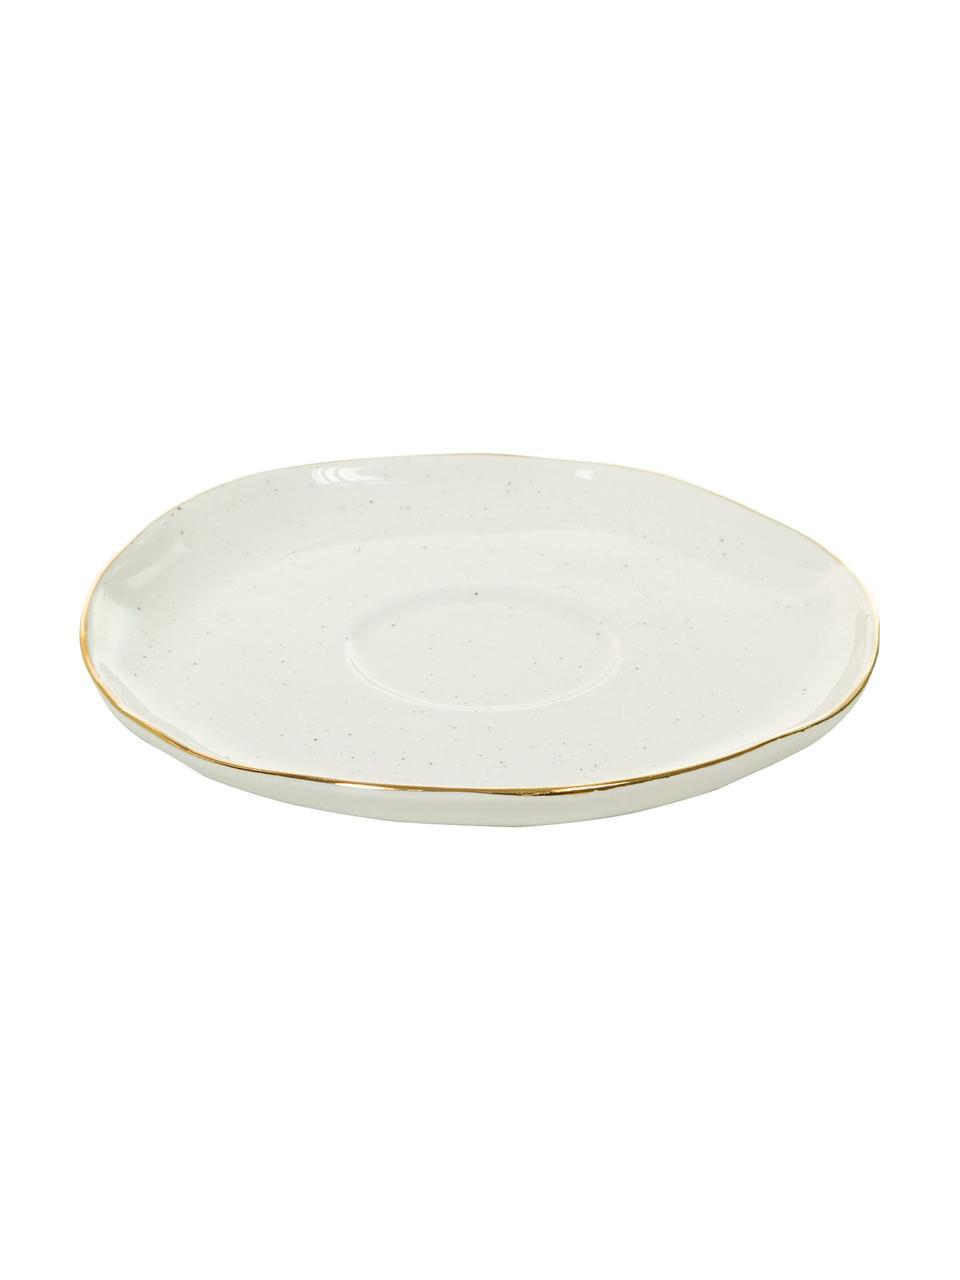 Handgemaakt kopje met schoteltje Bella met goudkleurige rand, 2-delig, Porselein, Crèmewit, Ø 10 x H 6 cm